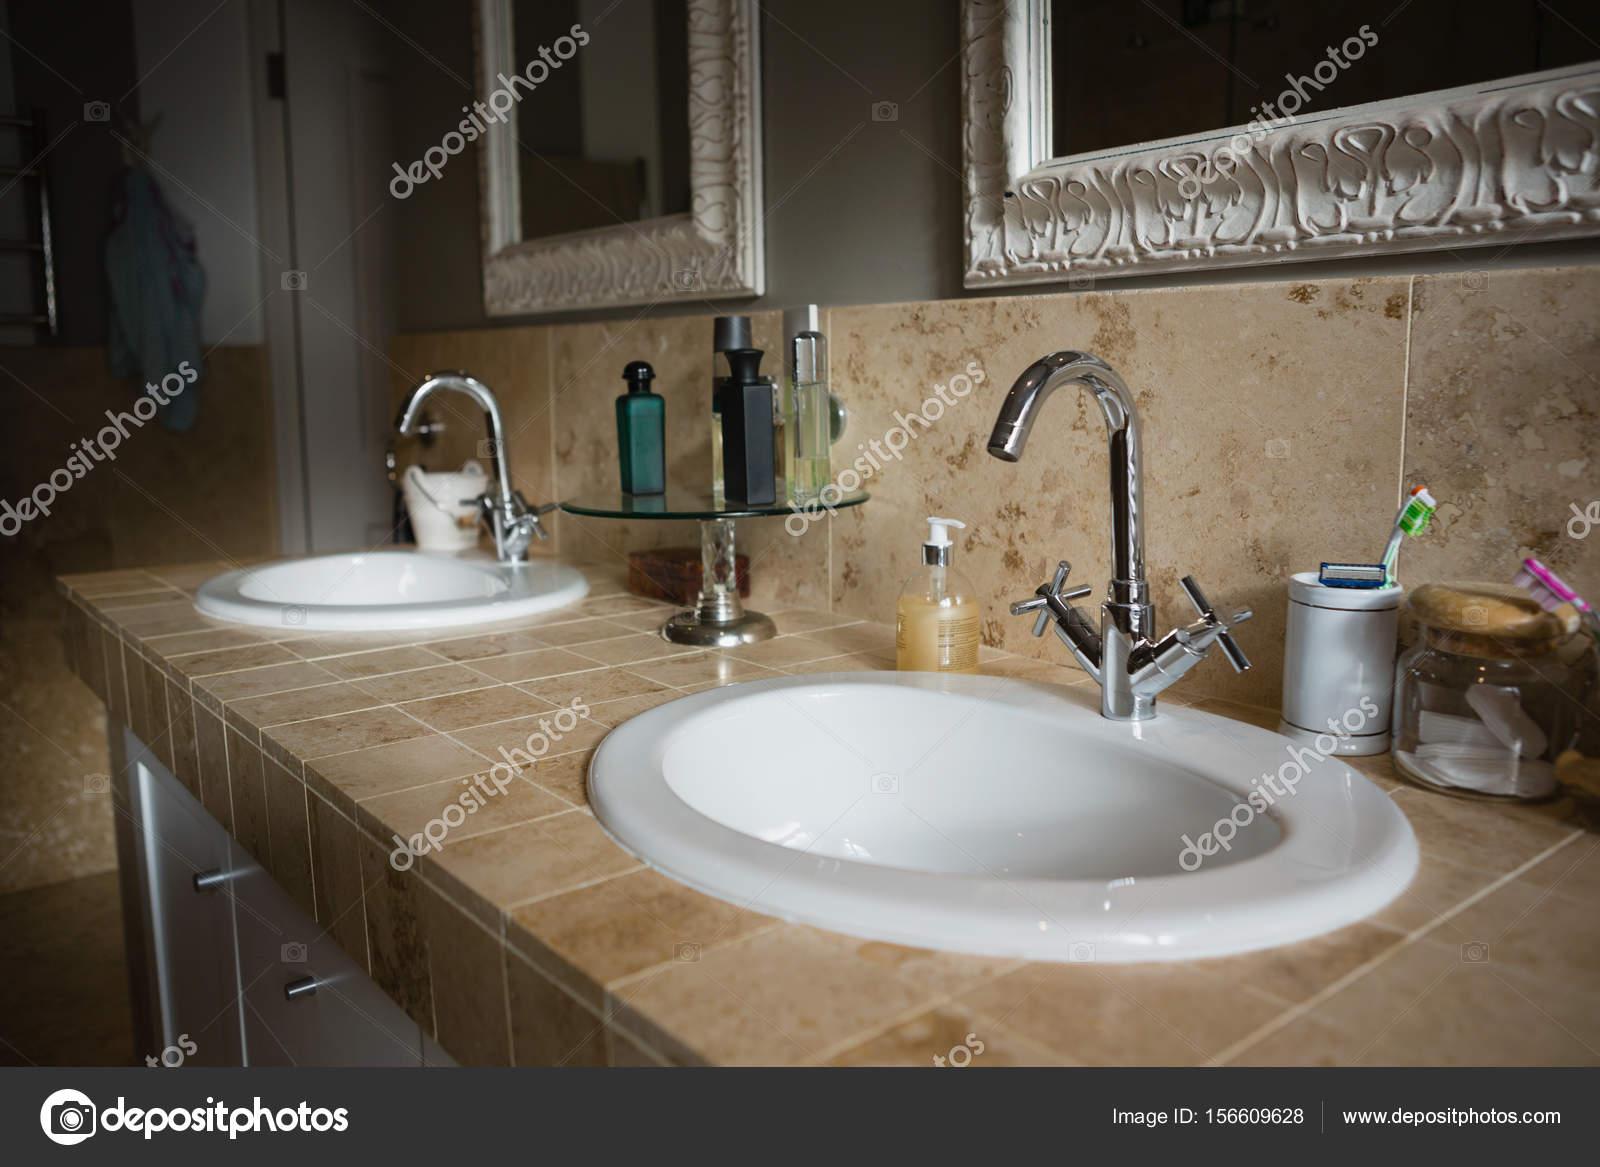 Kraan op wastafel in badkamer u stockfoto wavebreakmedia